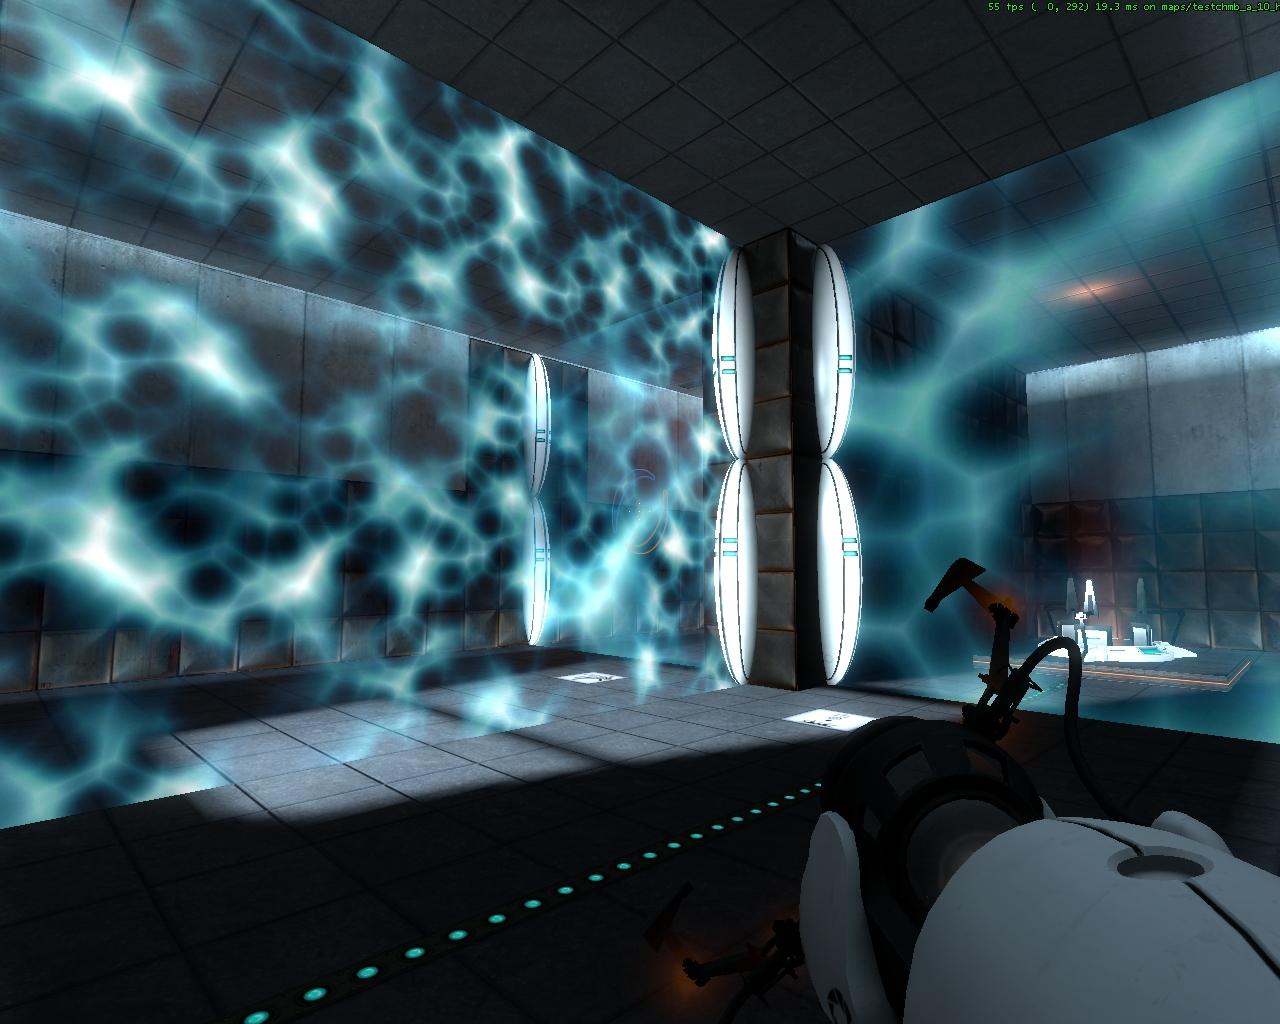 testchmb_a_10_hard0026.jpg - Portal Portal 2006, Portal Beta, testchmb_a_10_hard